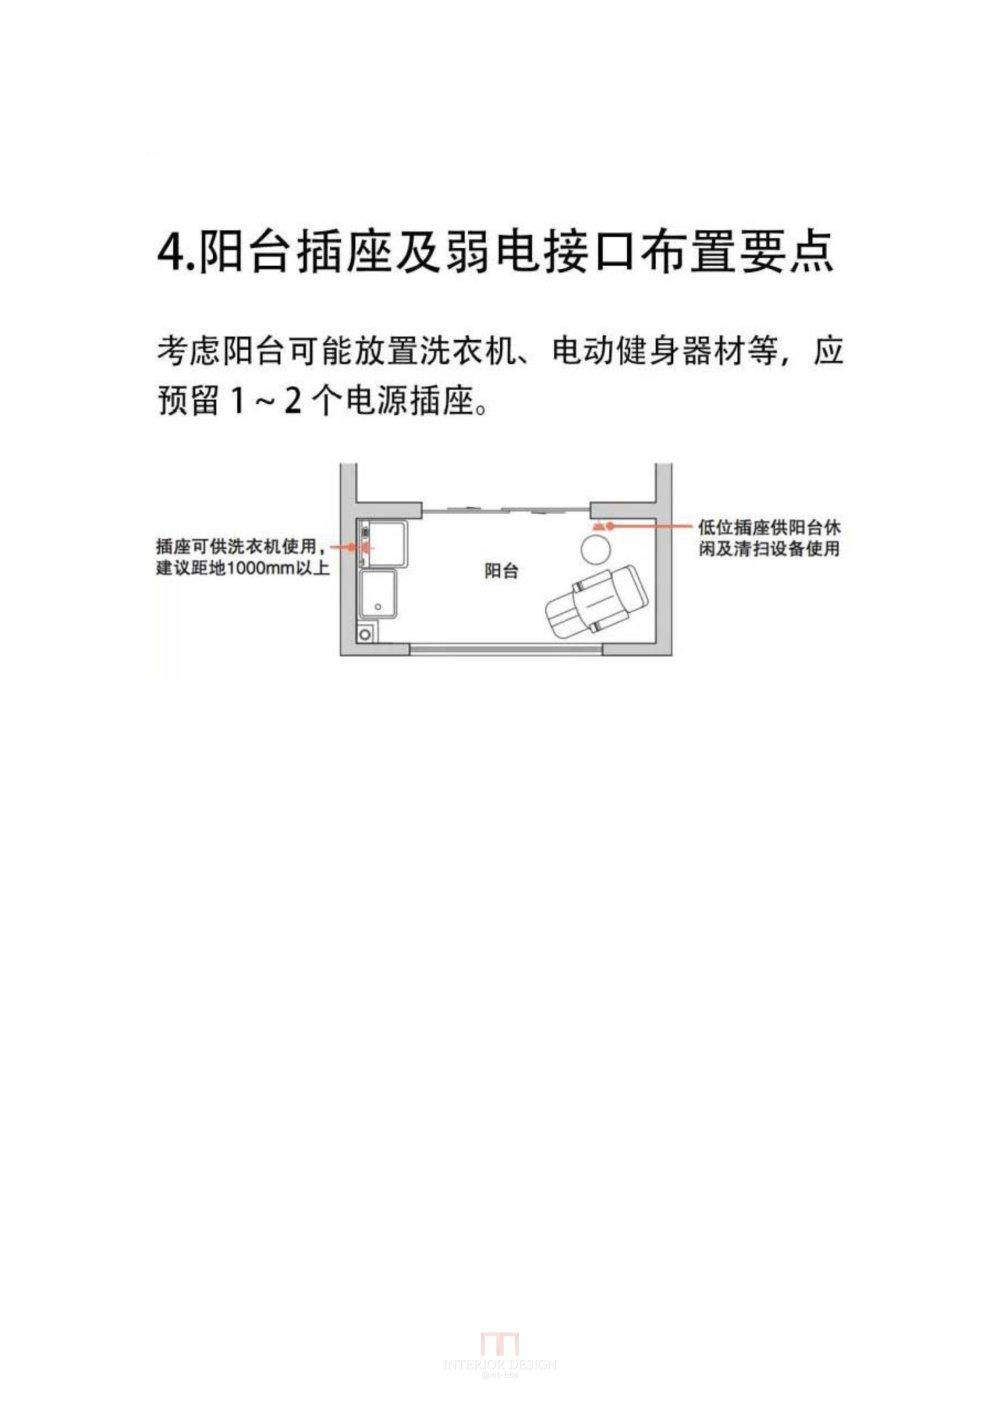 设计师必读:老年住宅中的细节设计(经典)_111 (20).jpg